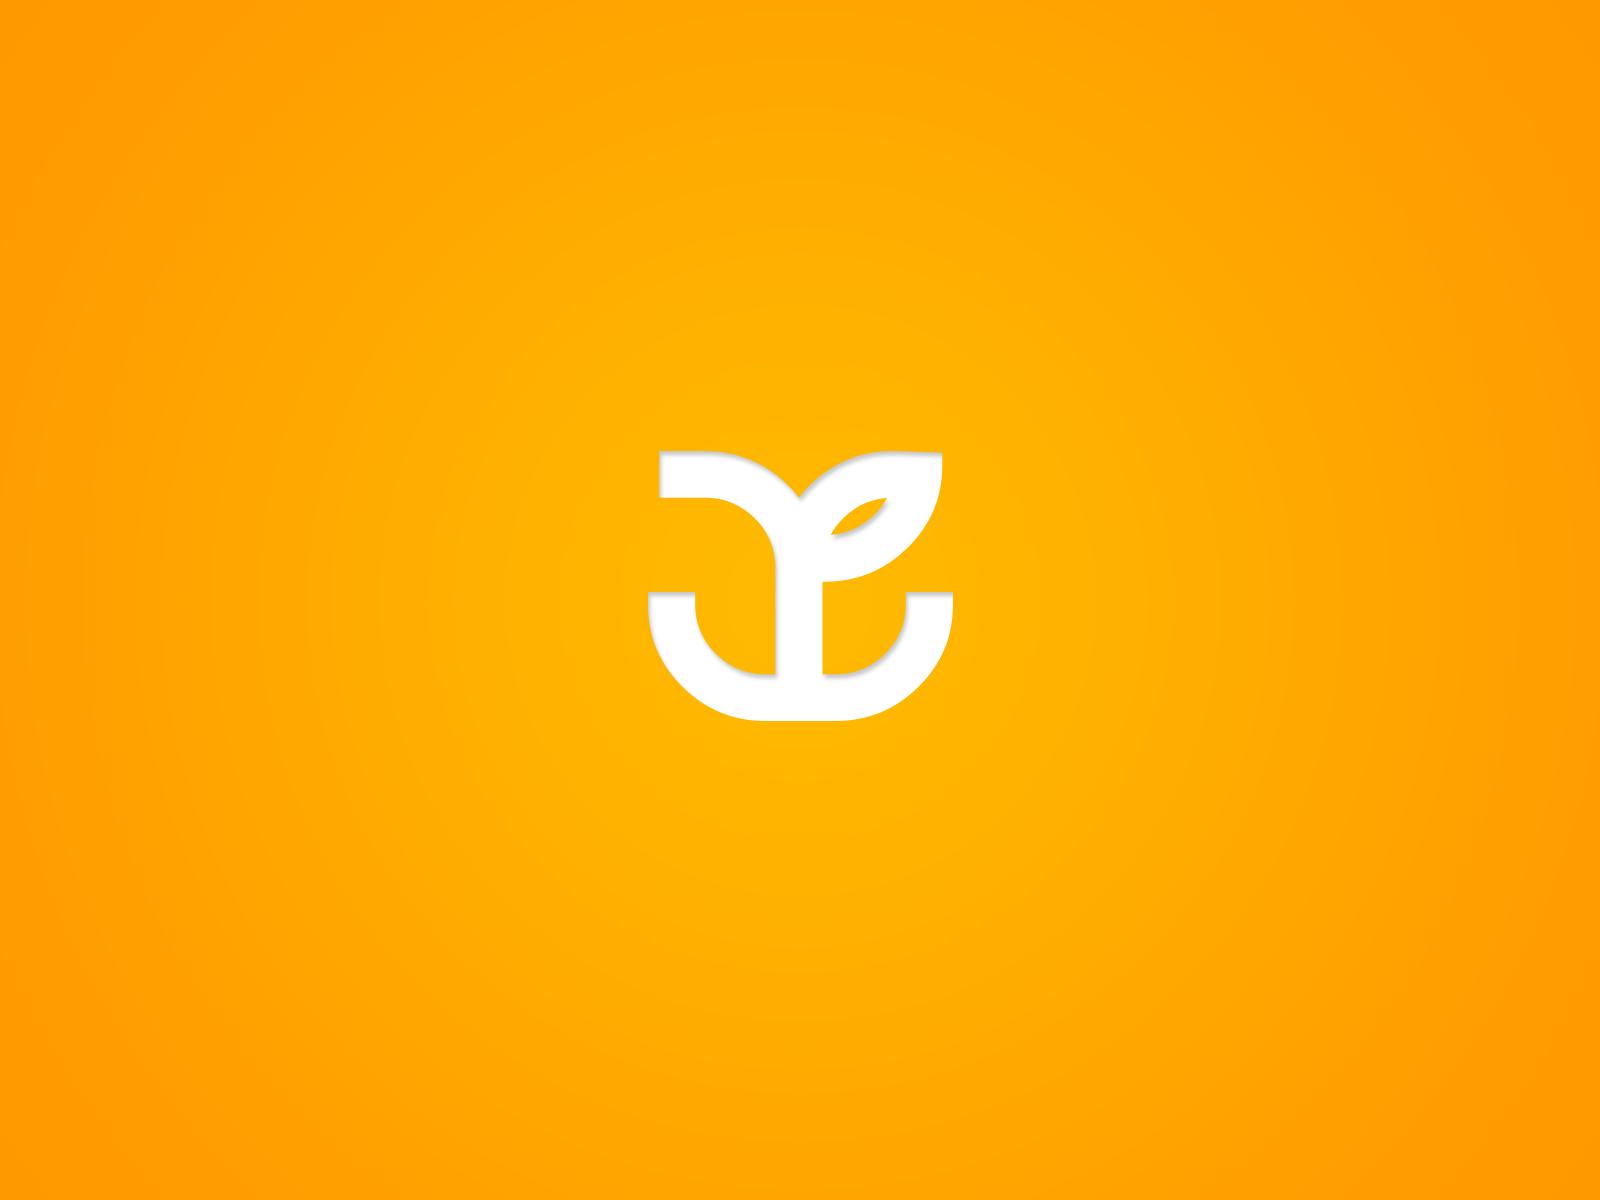 JYE Logotype / concept